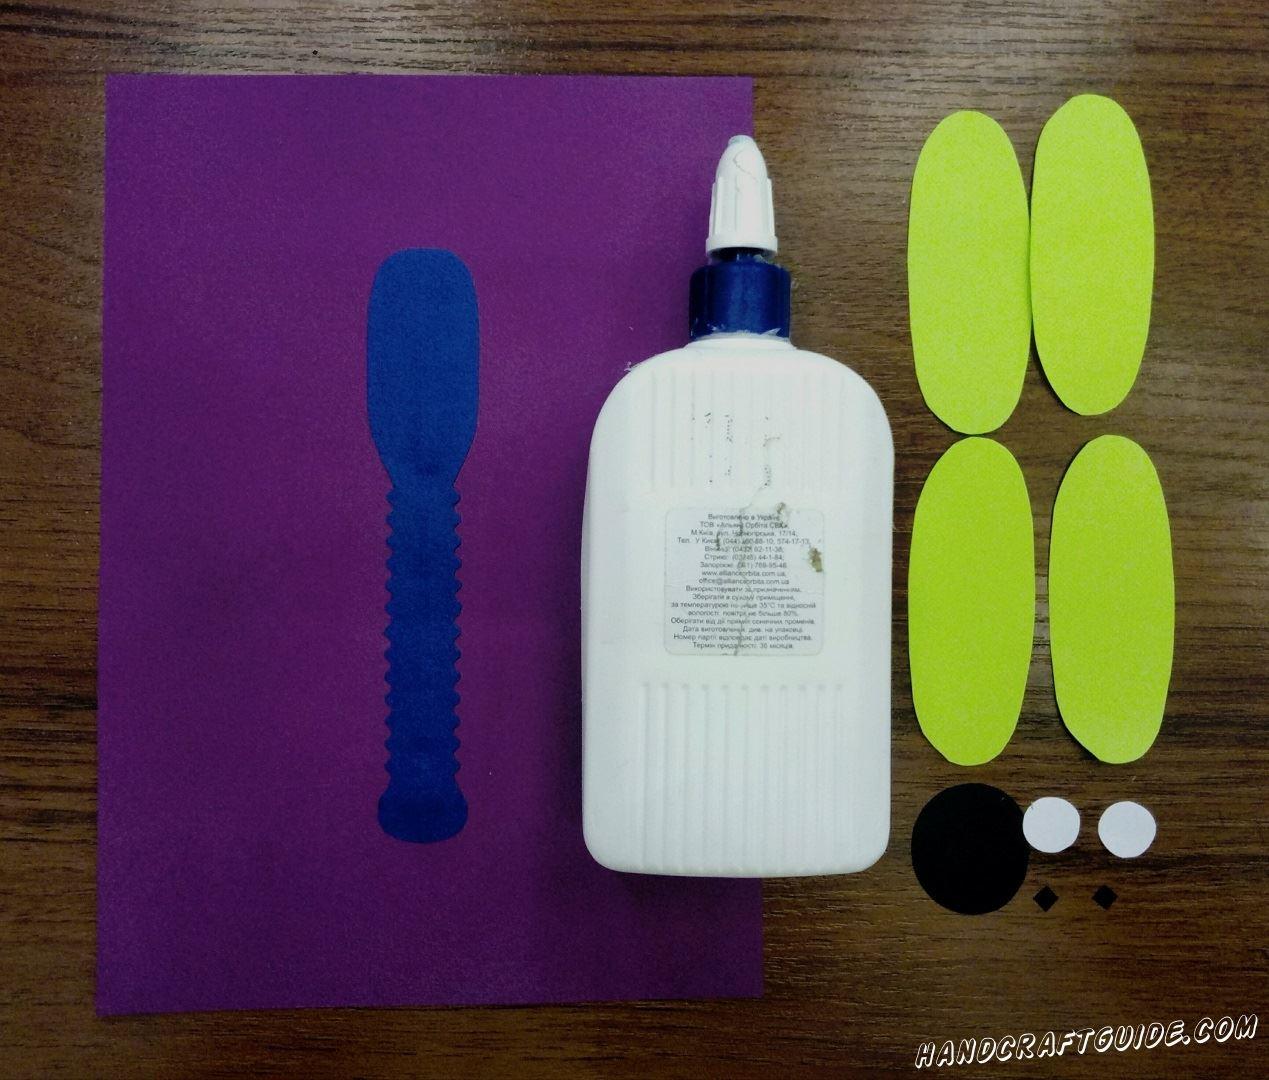 Приклеиваем синюю рифленую полоску на фиолетовый фон